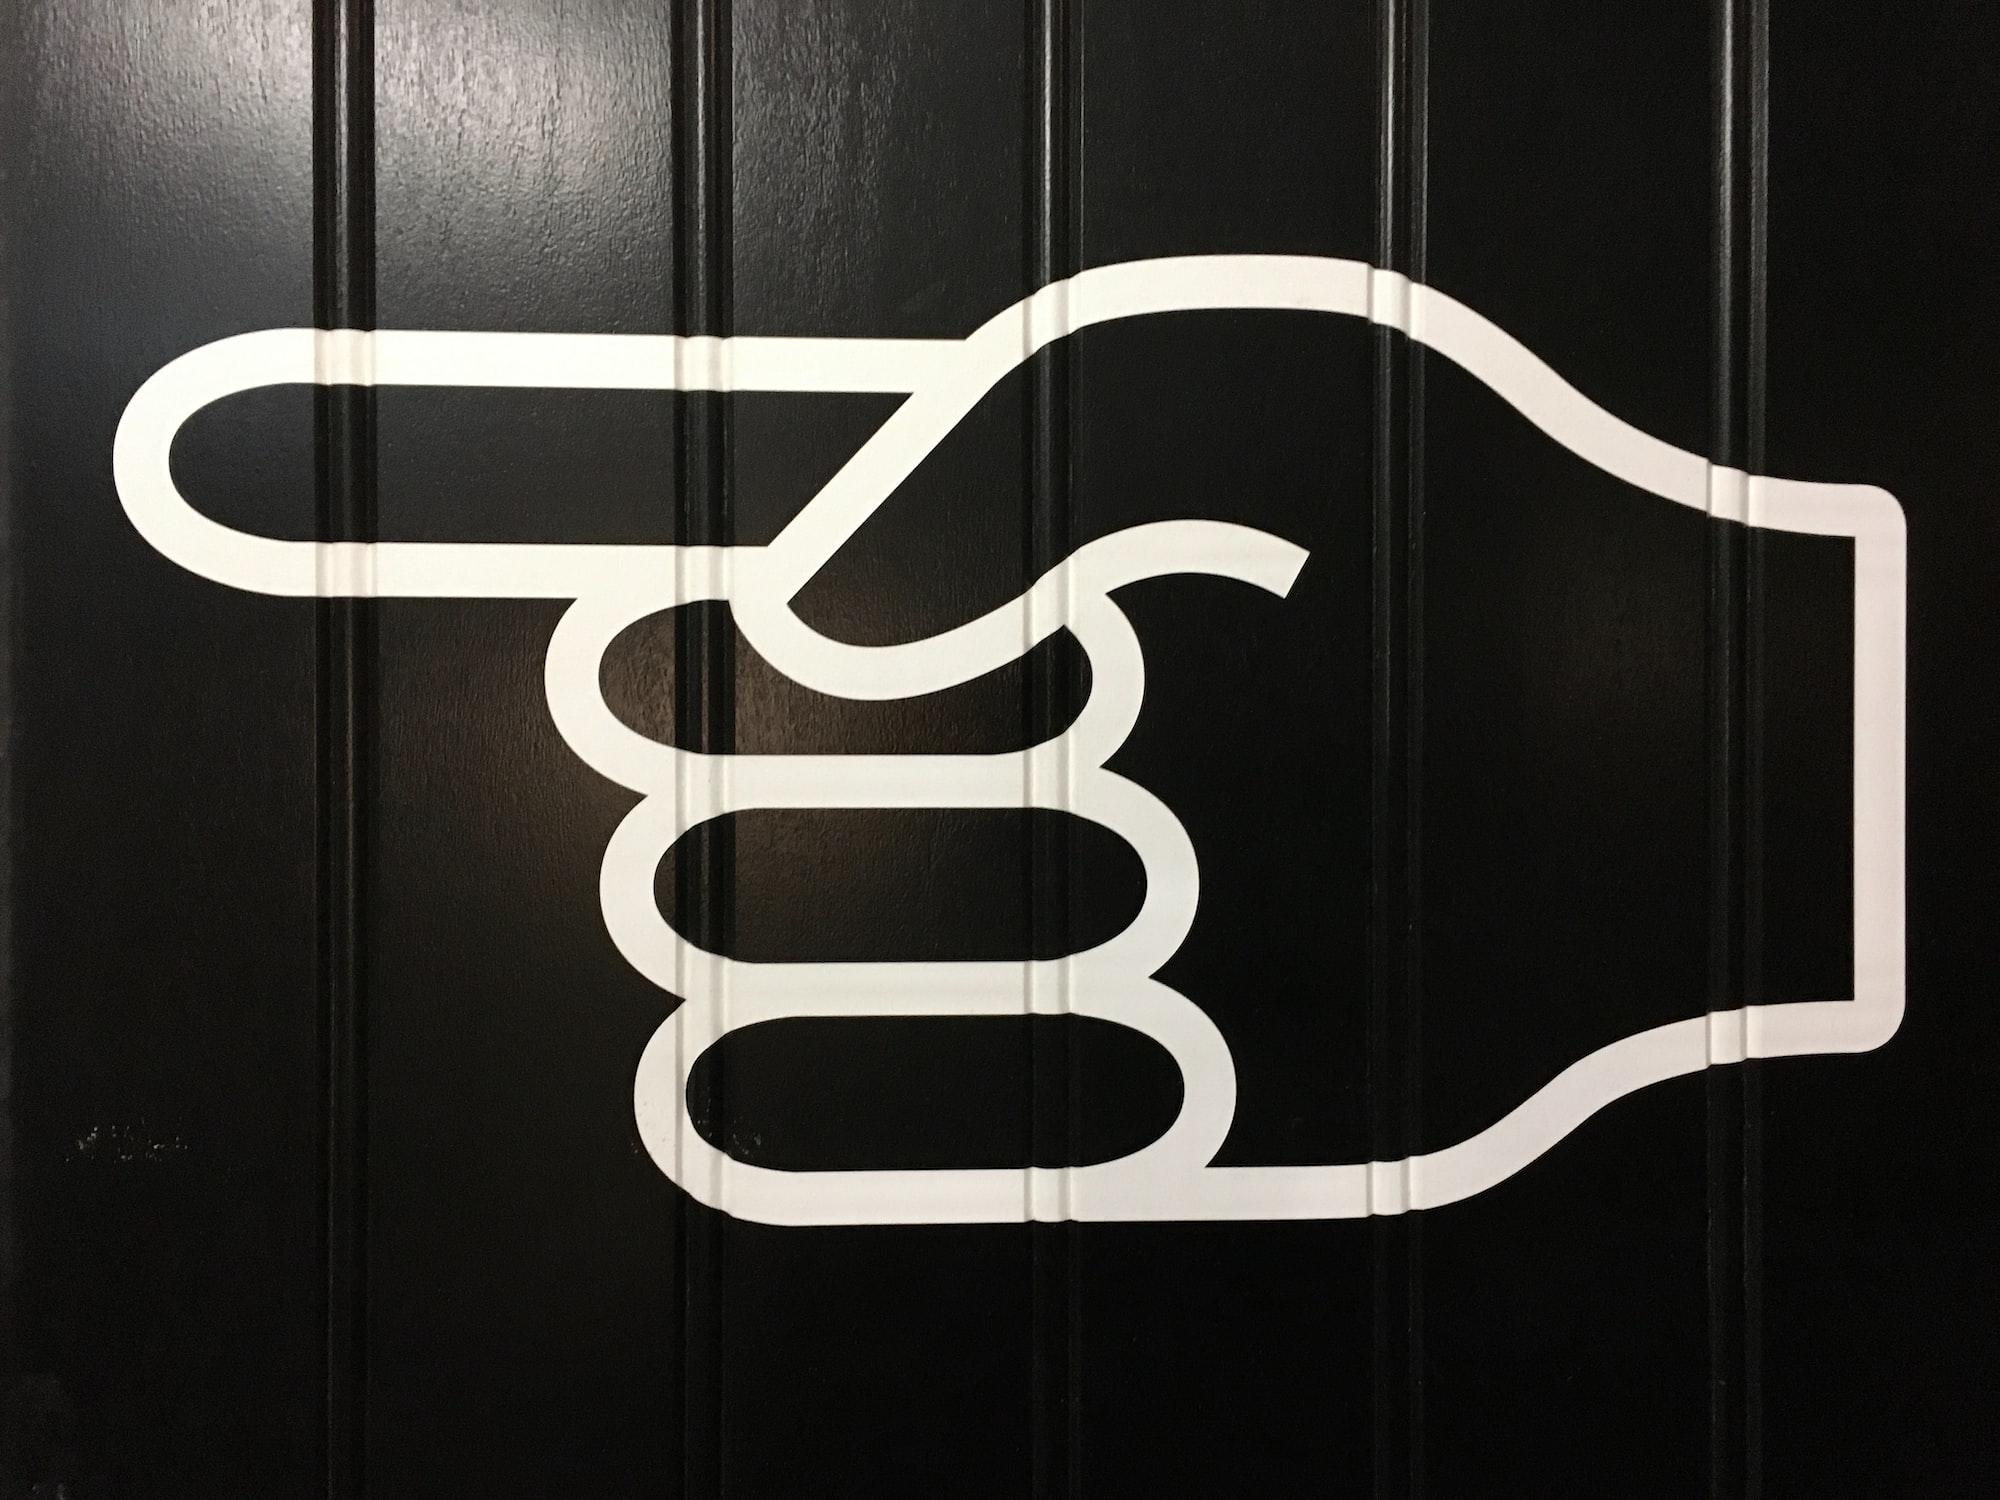 Fundo preto com pintura branca de uma mão fechada apontando para à esquerda